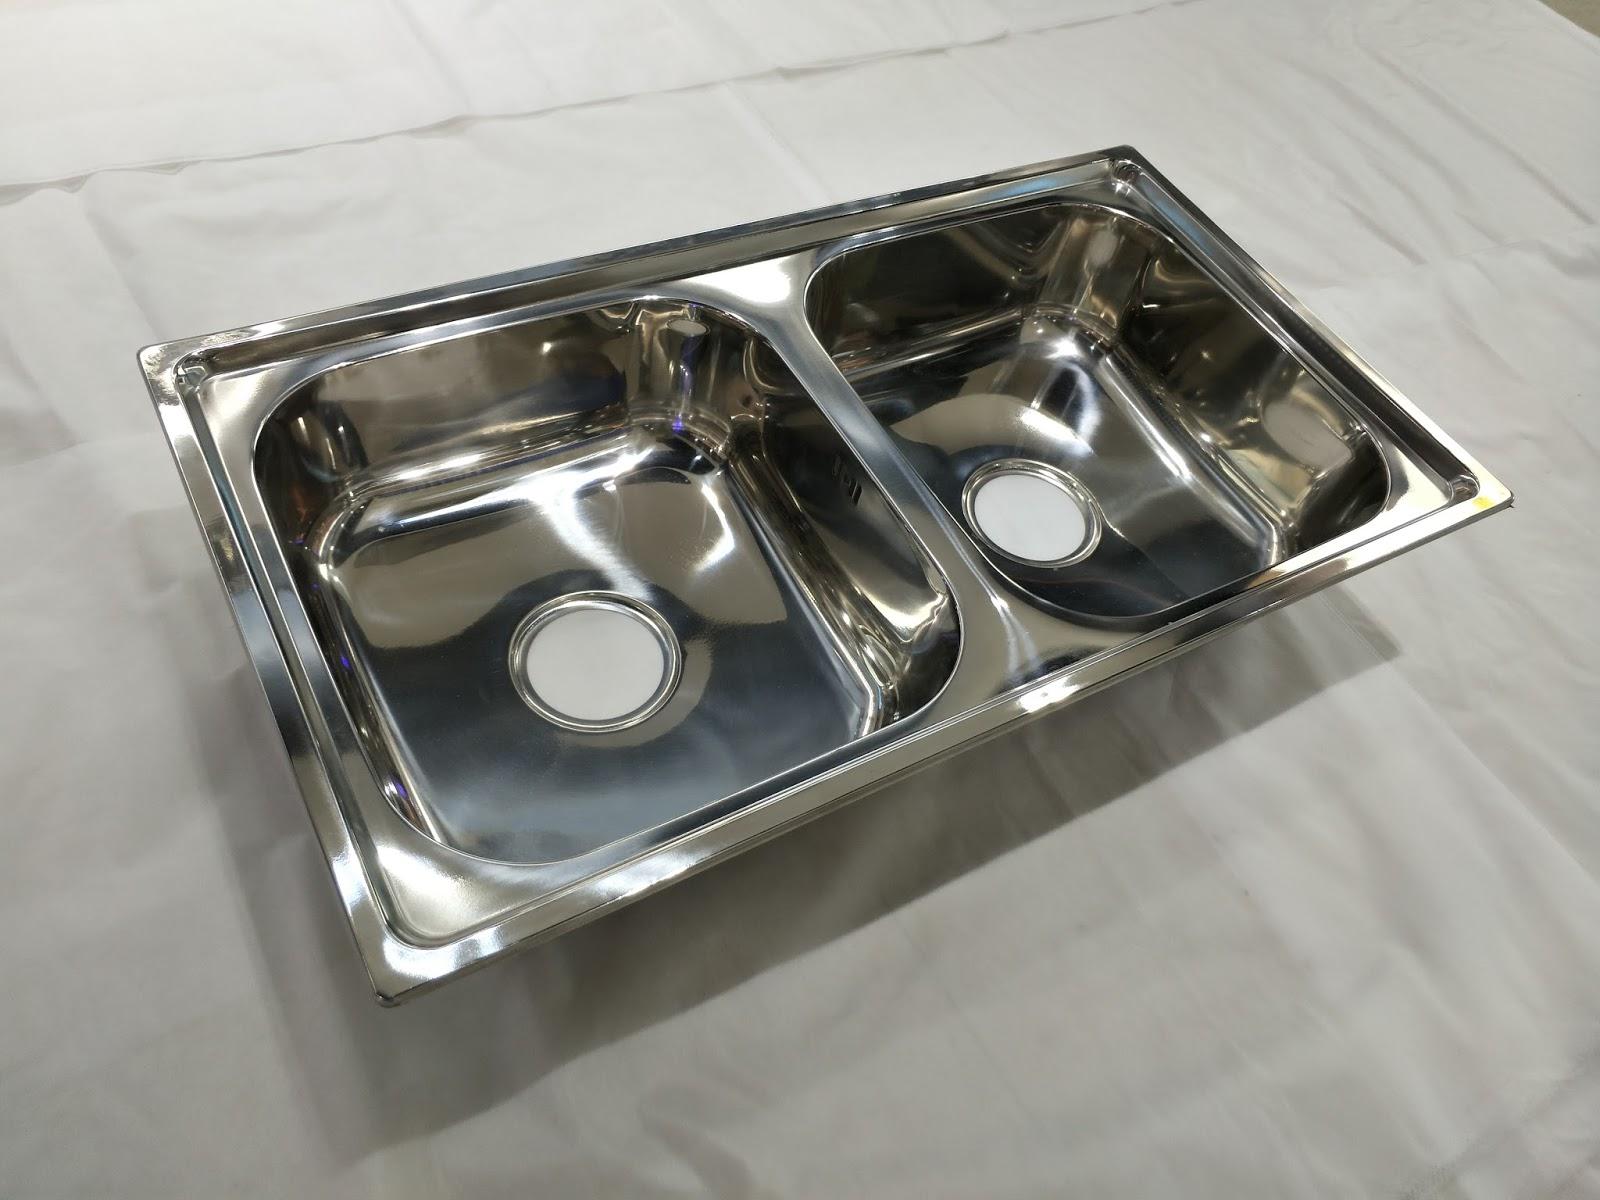 Stainless Steel Kitchen Sink Manufacturer: Kitchen Sink In Home Depot